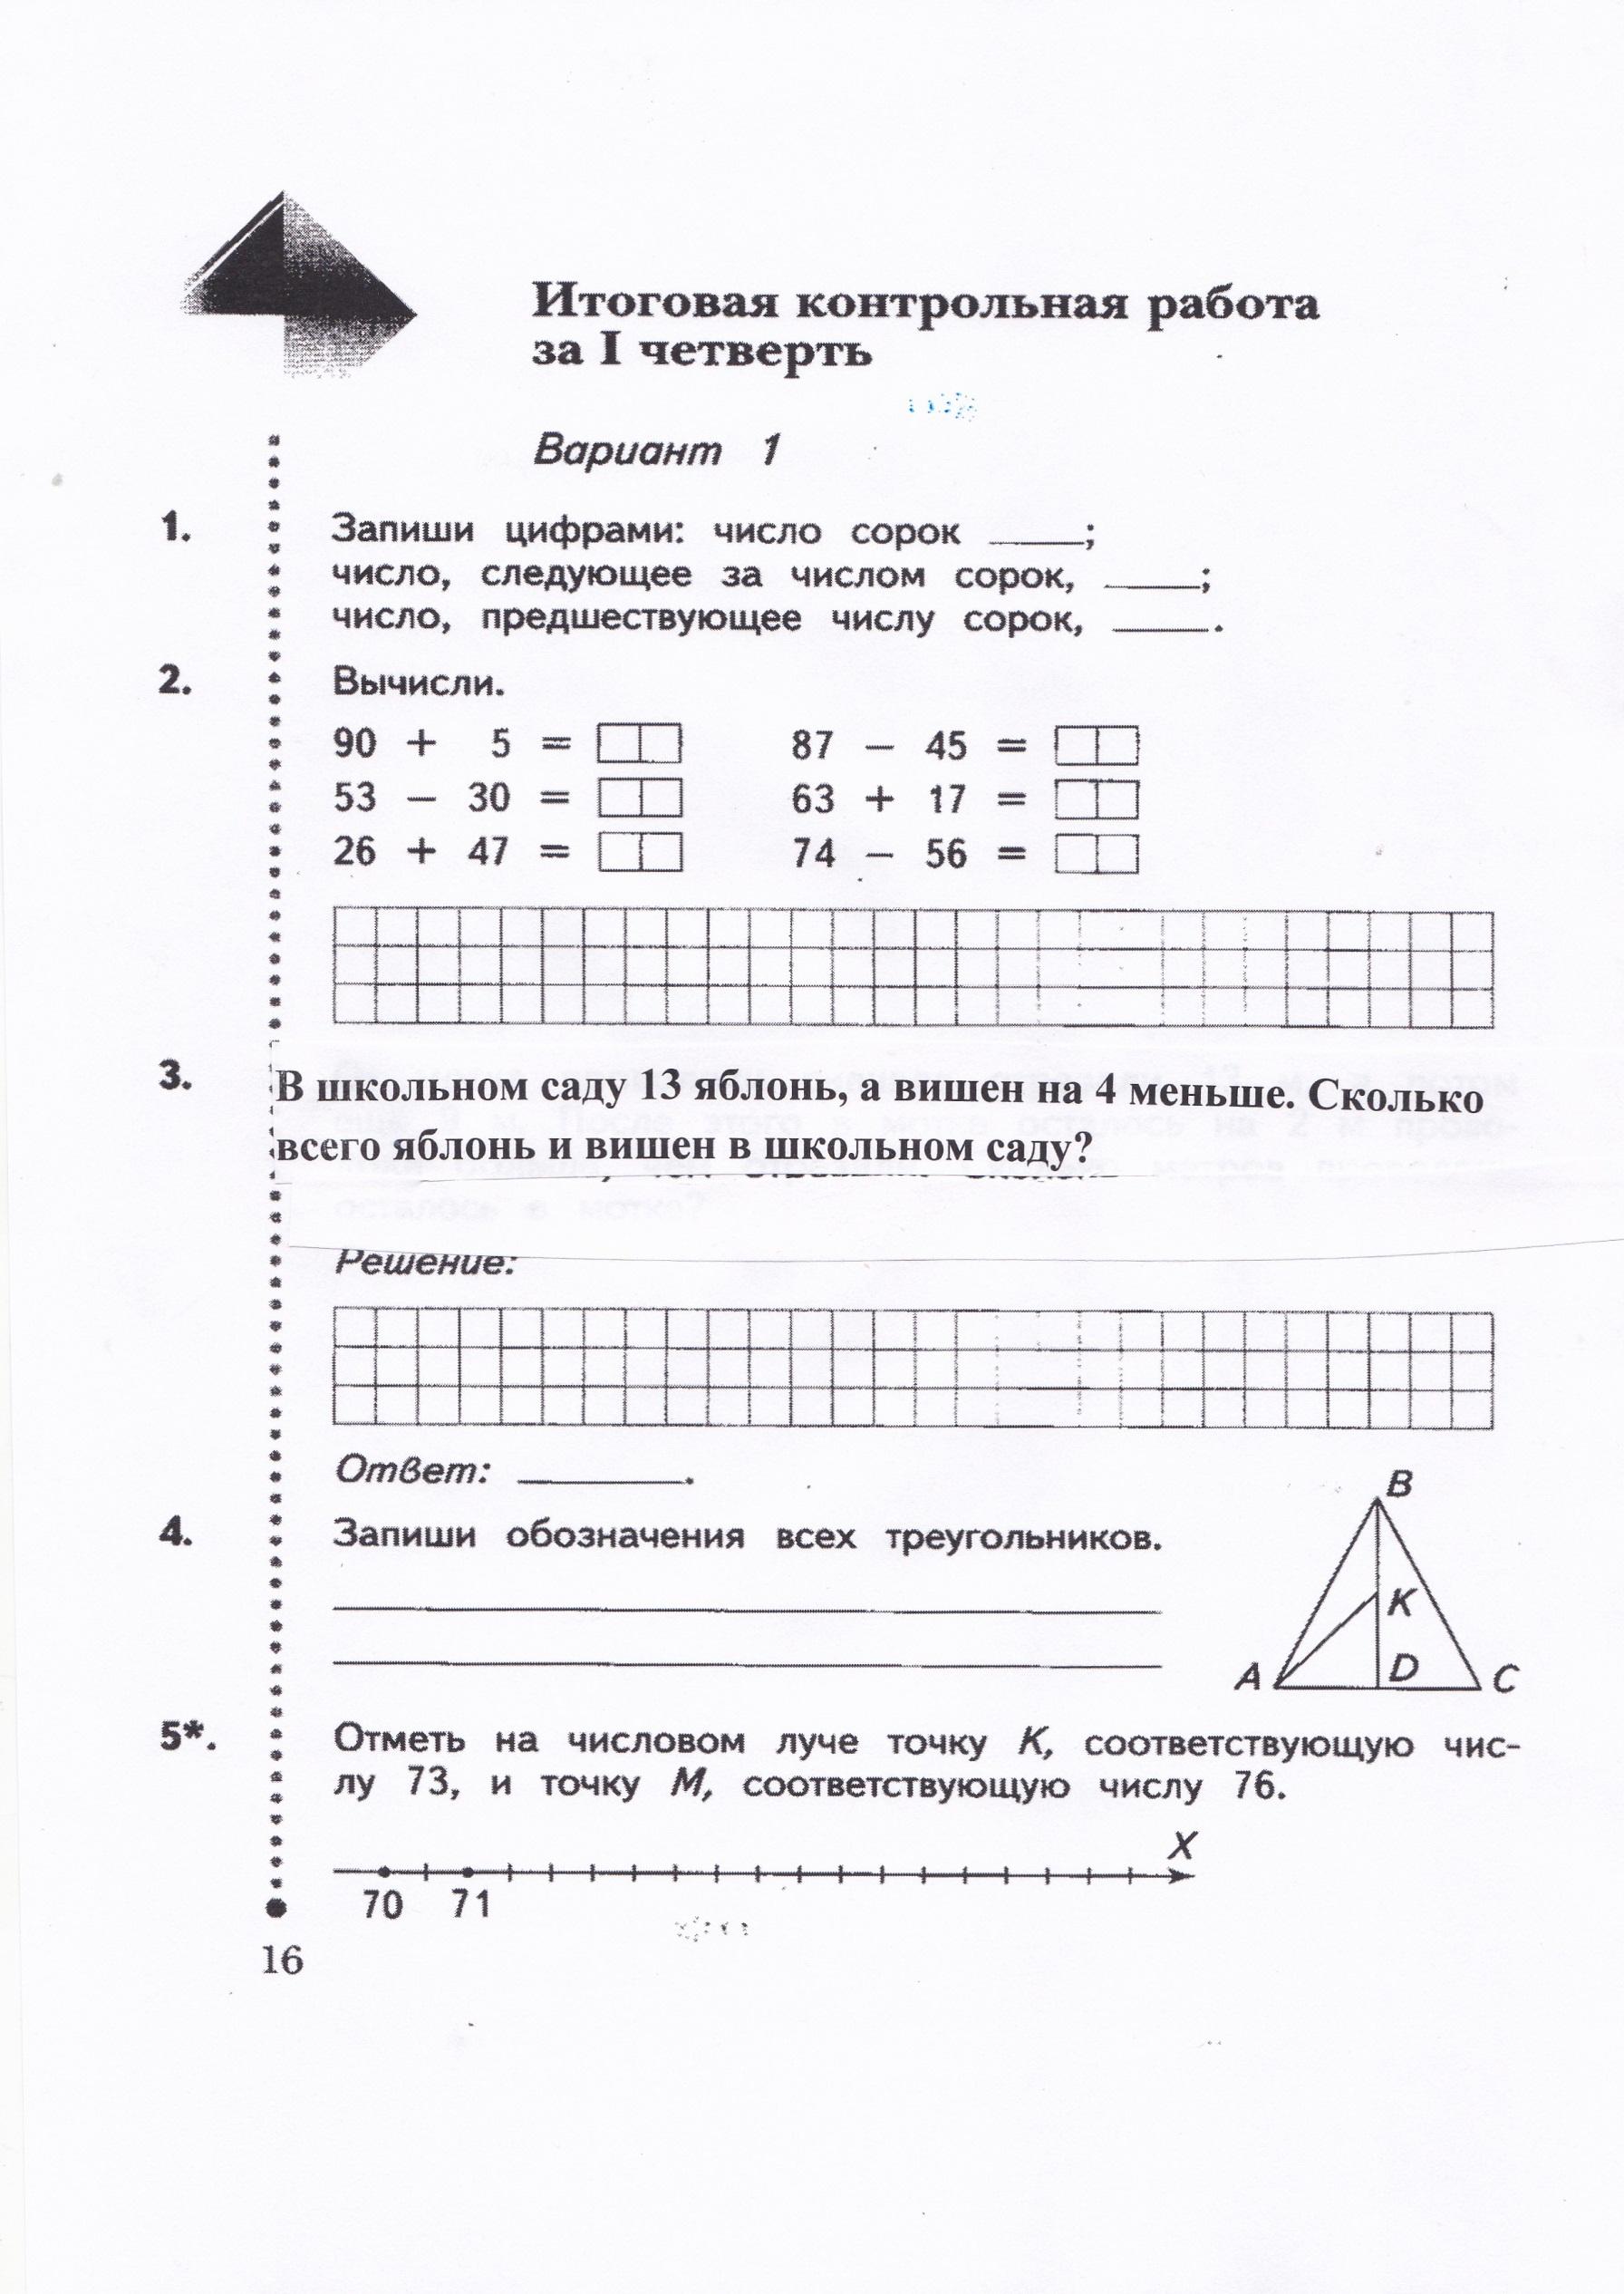 Проверочная работа по математике 1 класс 1 полугодие умк 21 век